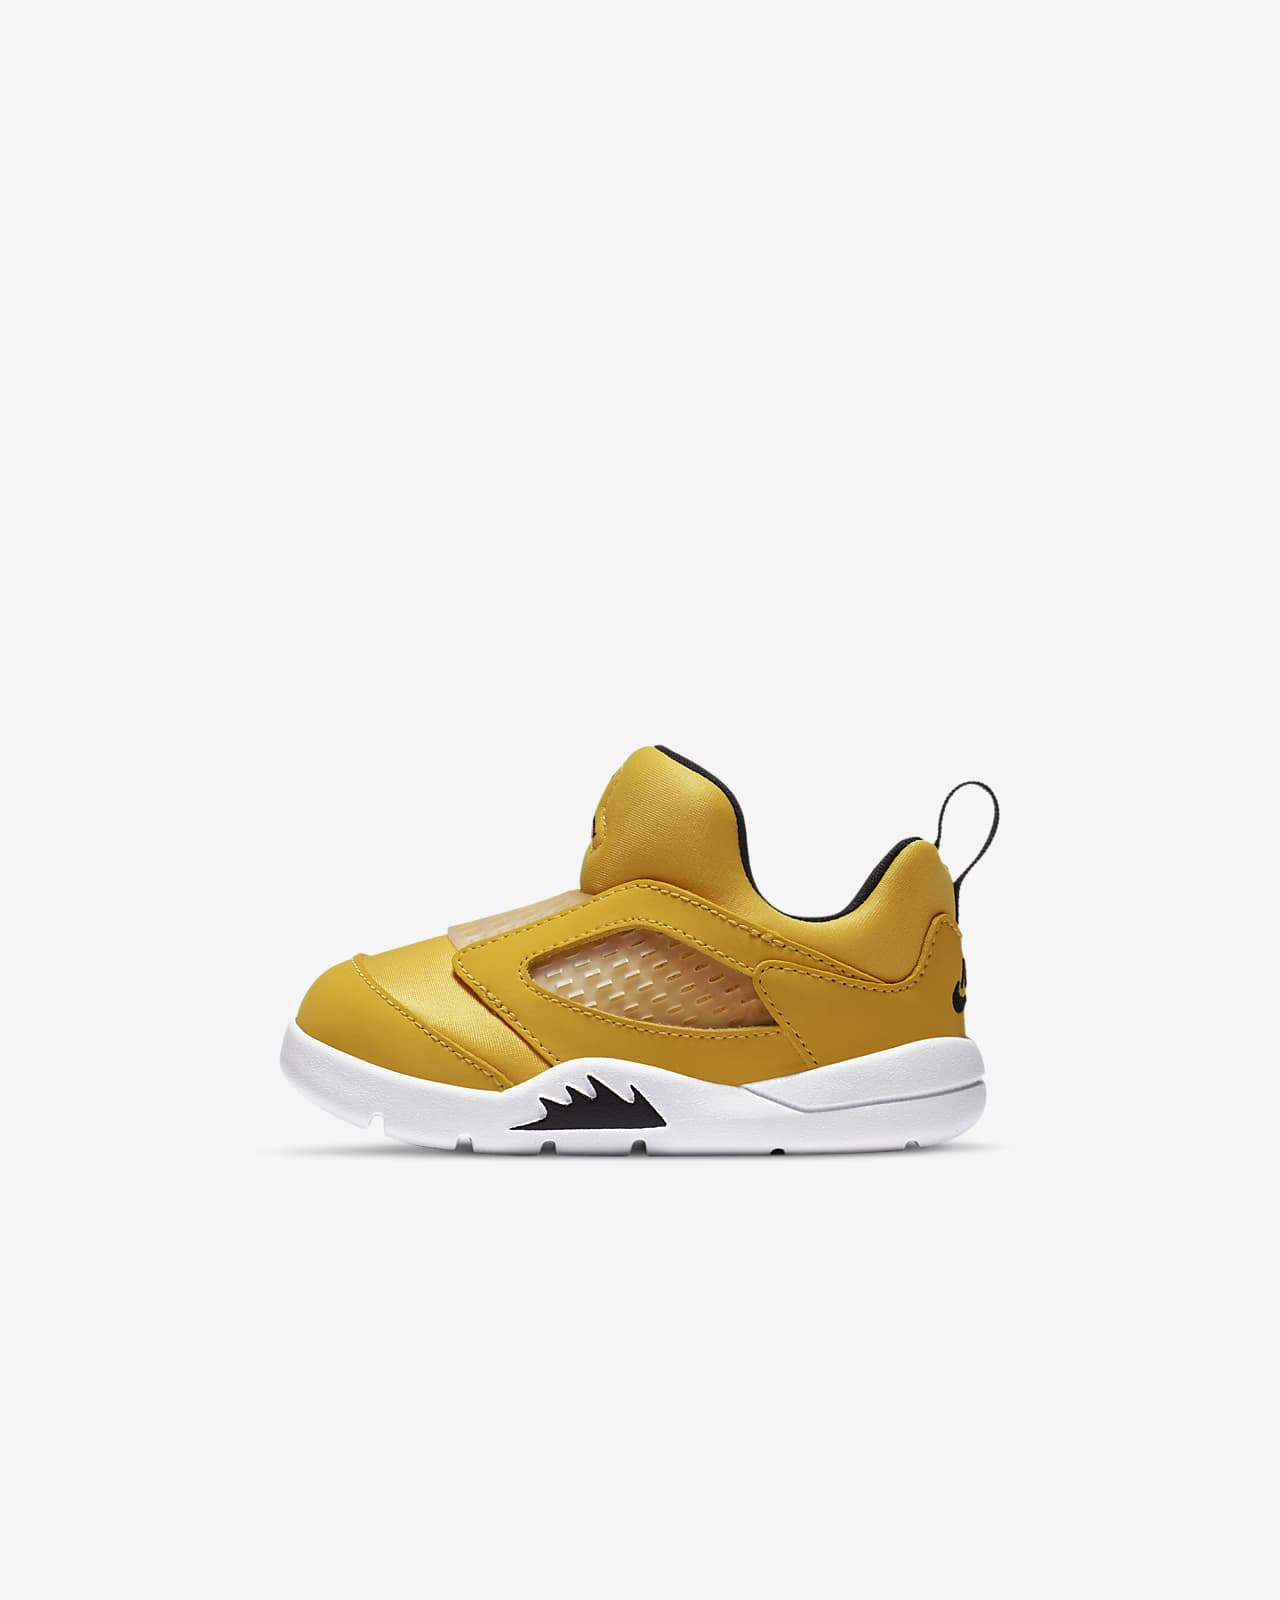 Jordan 5 Retro Little Flex Schuh für Babys und Kleinkinder